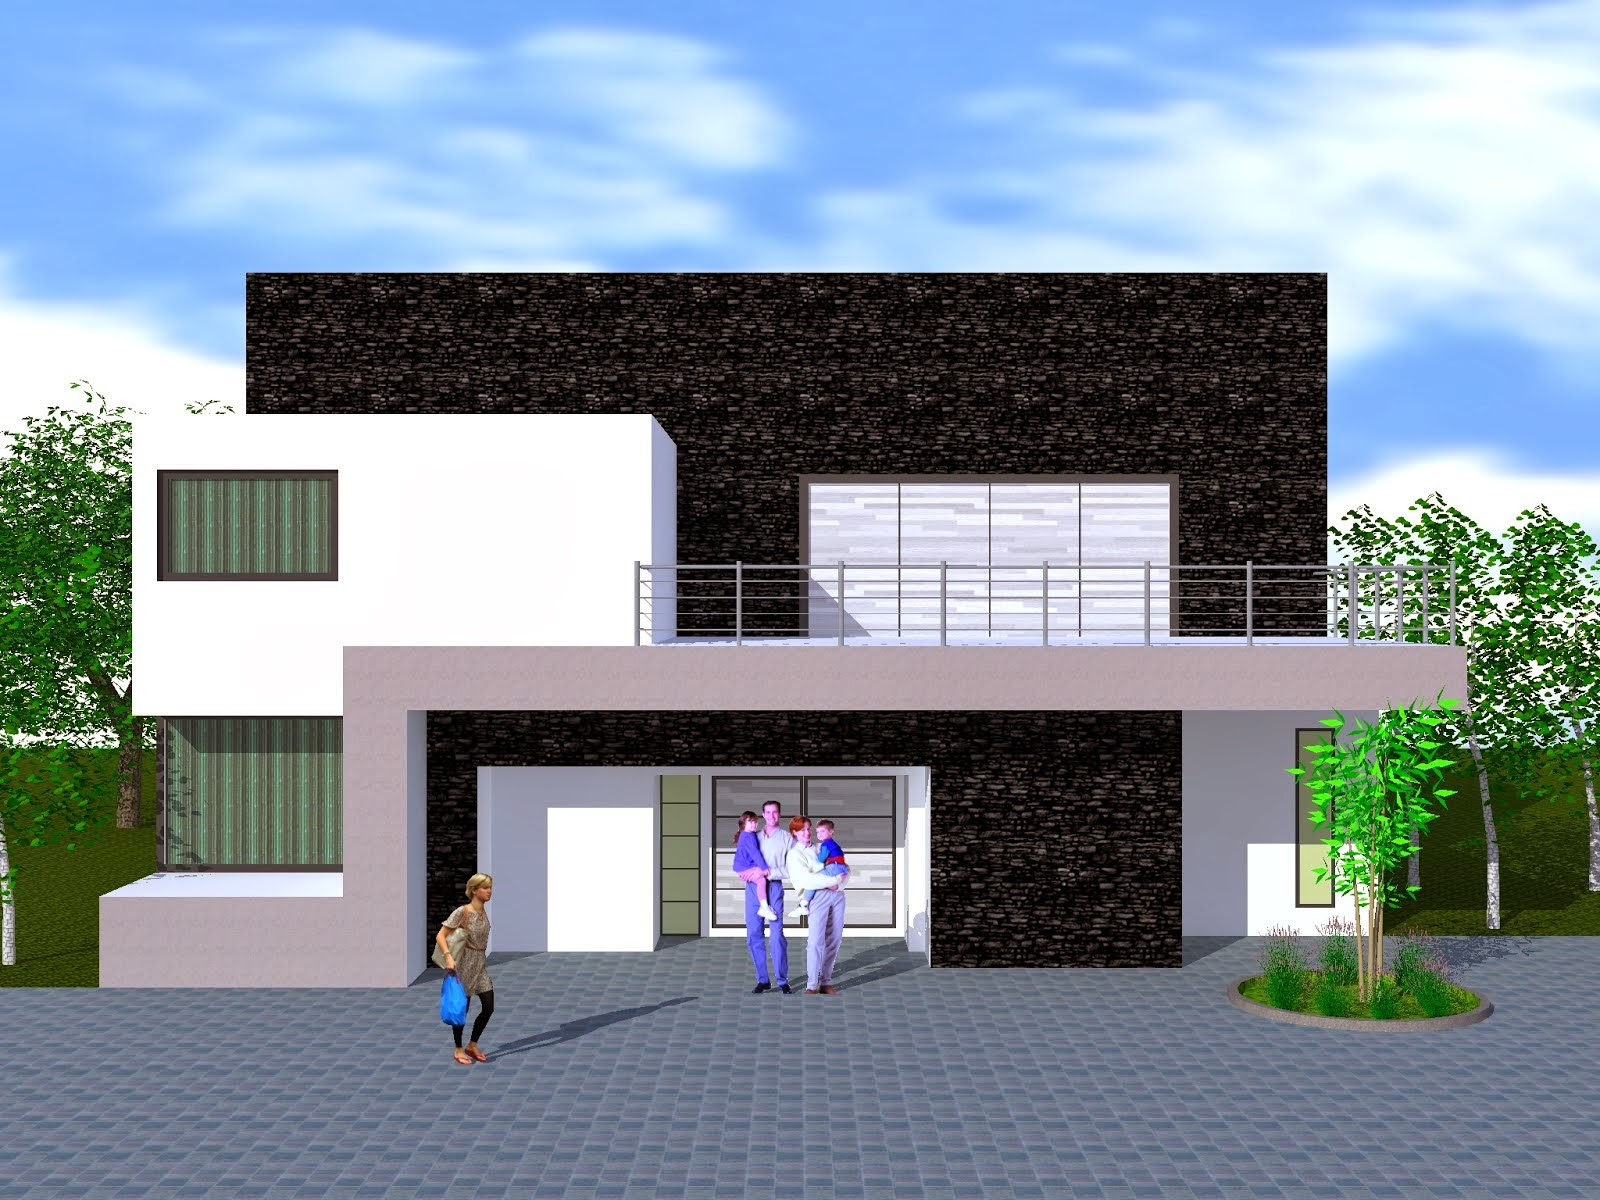 Fachadas y casas excelentes im genes de fachadas for Disenos de casas chiquitas y bonitas